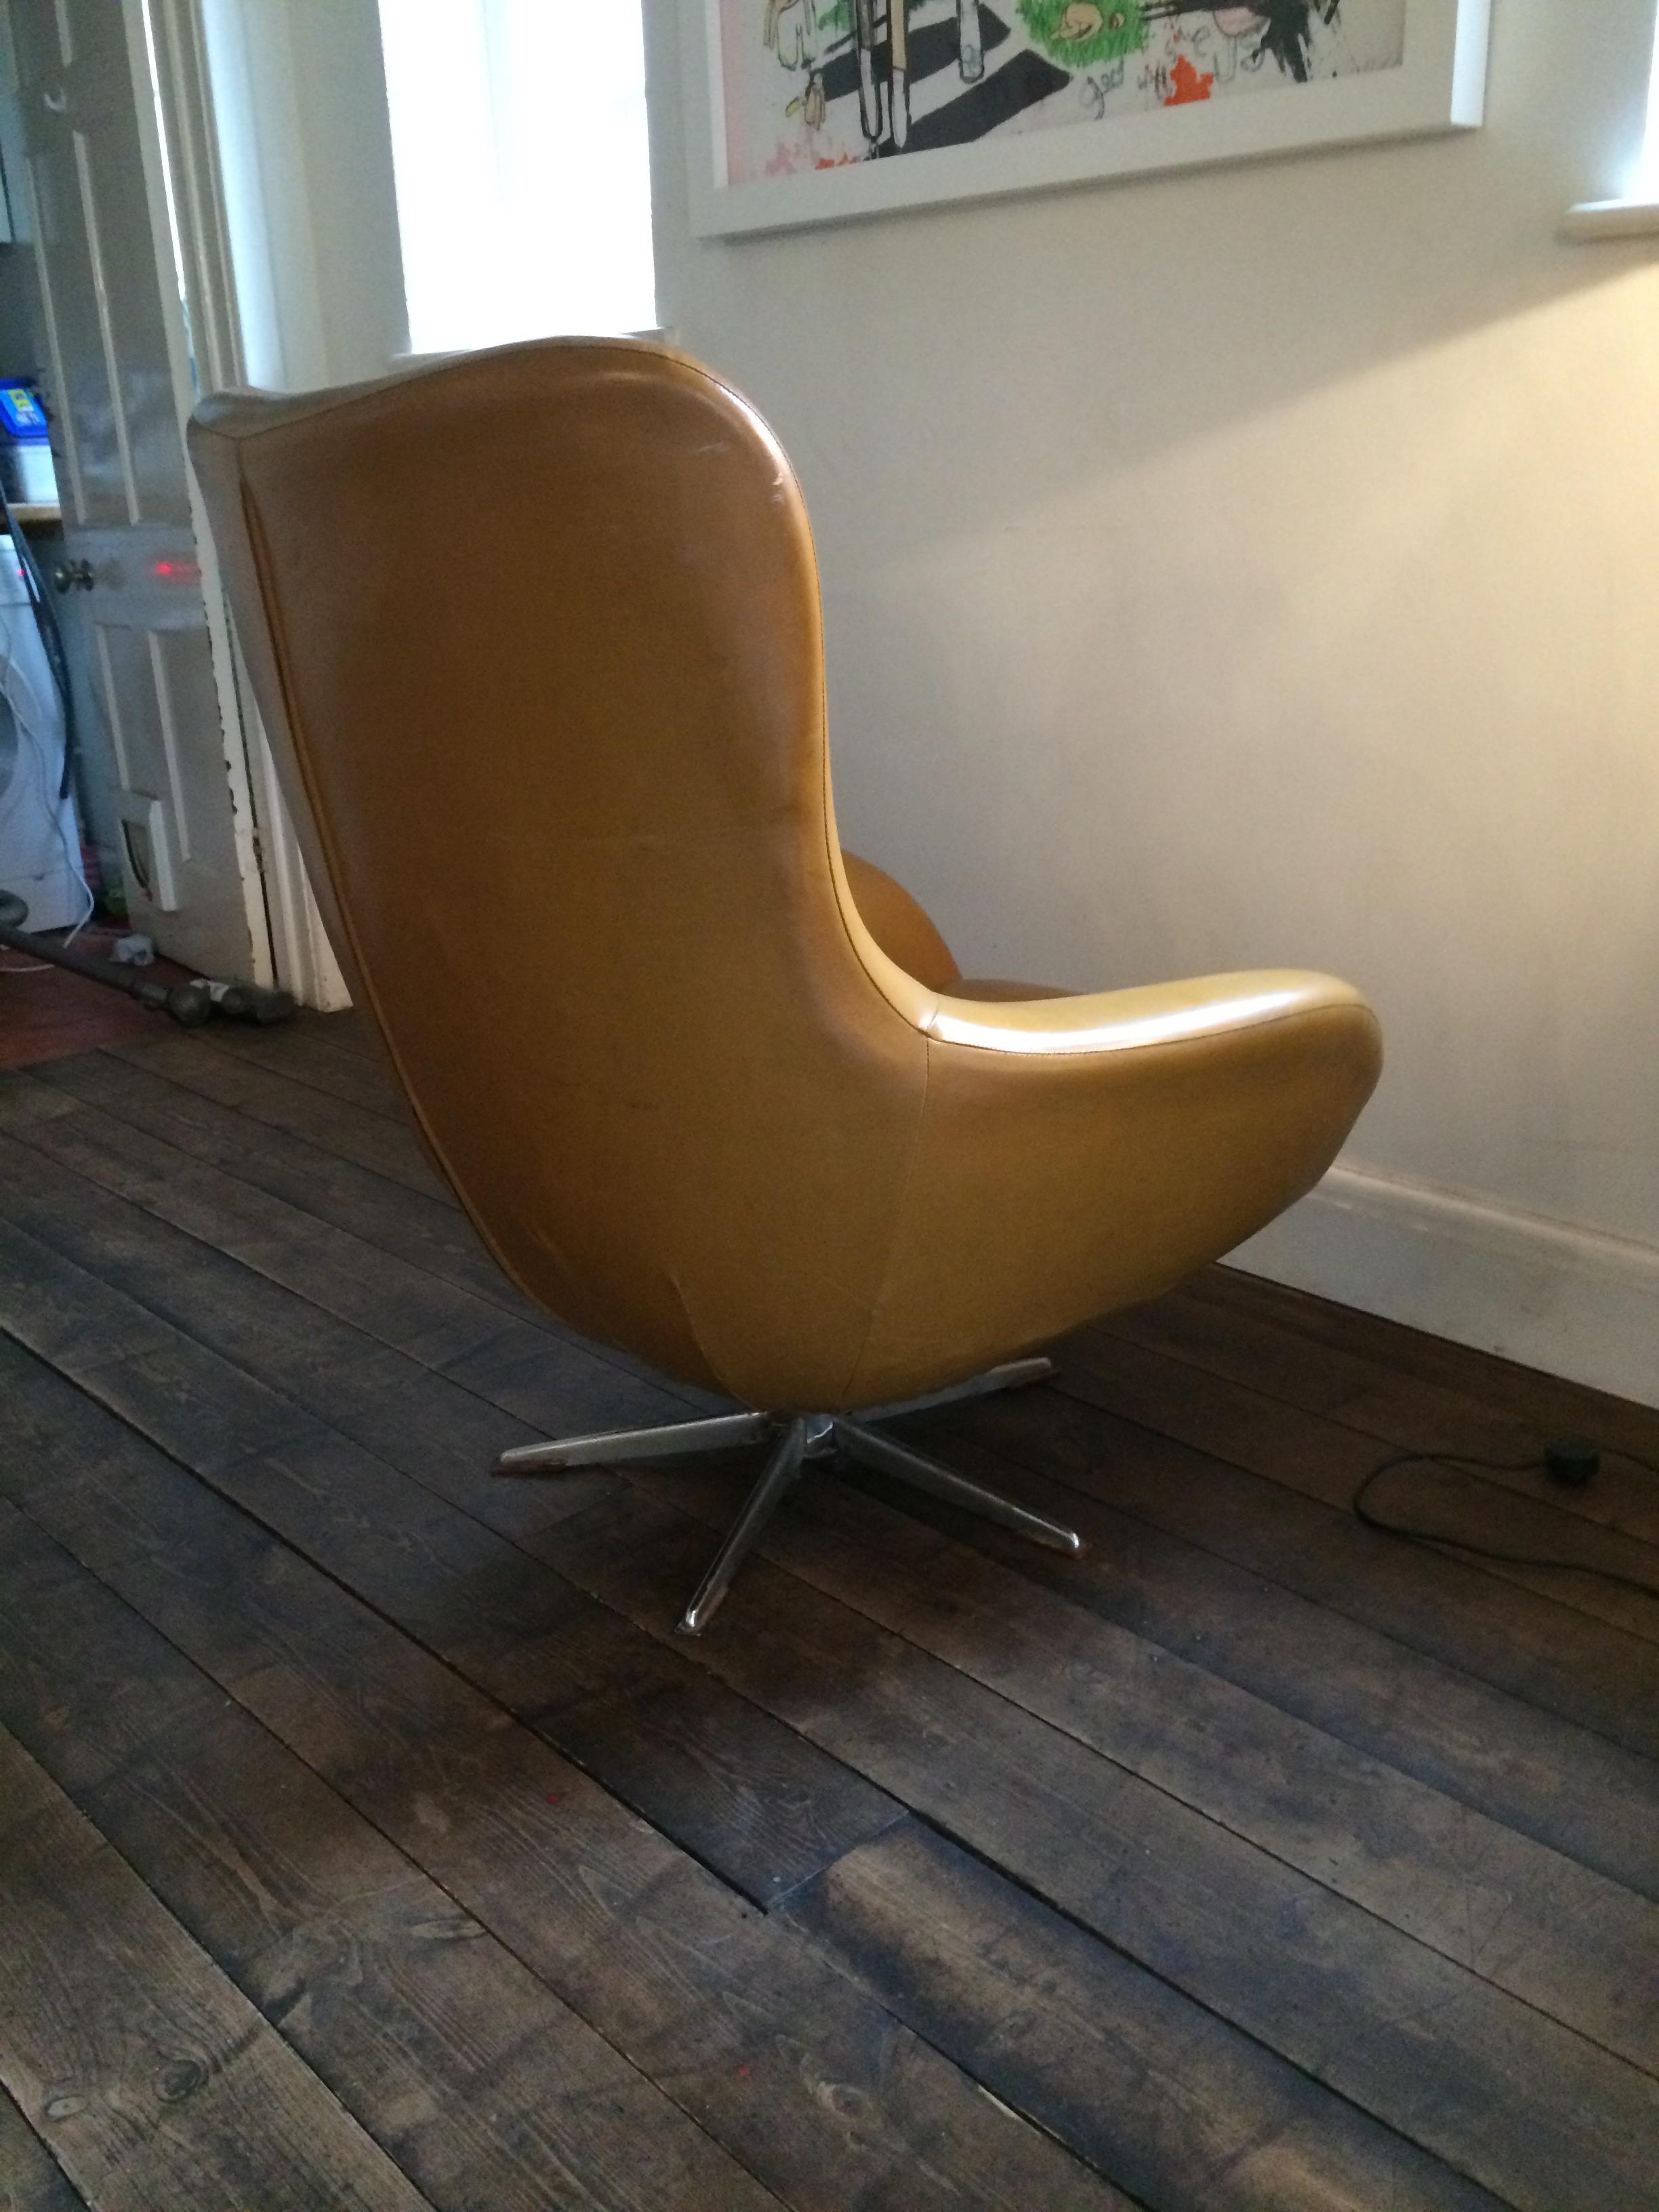 Lot 308   Arne Jacobsen Style Egg Chair Original Vinyl Cover Original 60s/ 70s